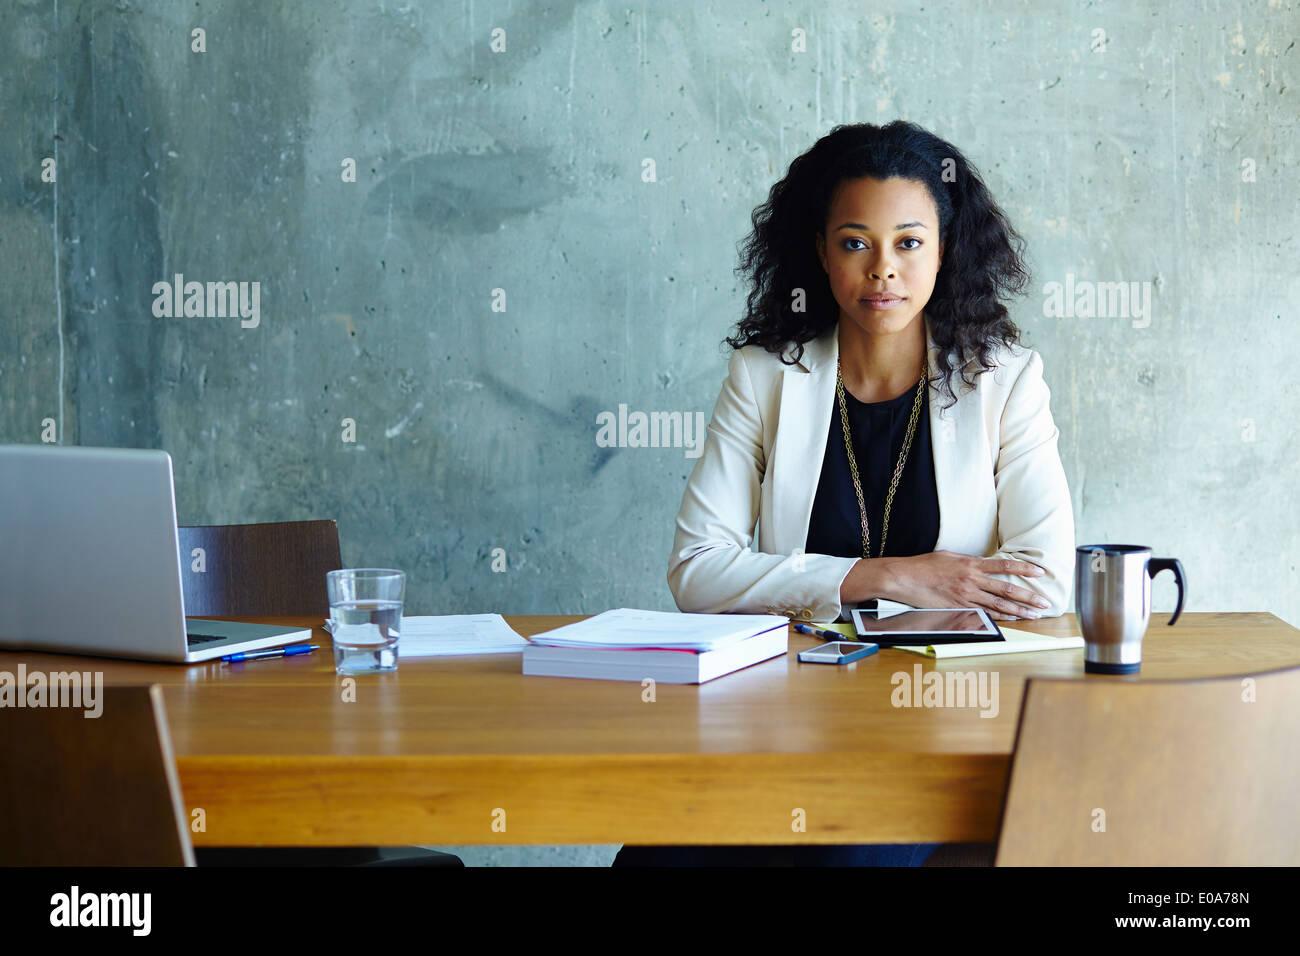 Porträt der jungen Unternehmerin am Konferenztisch Stockbild